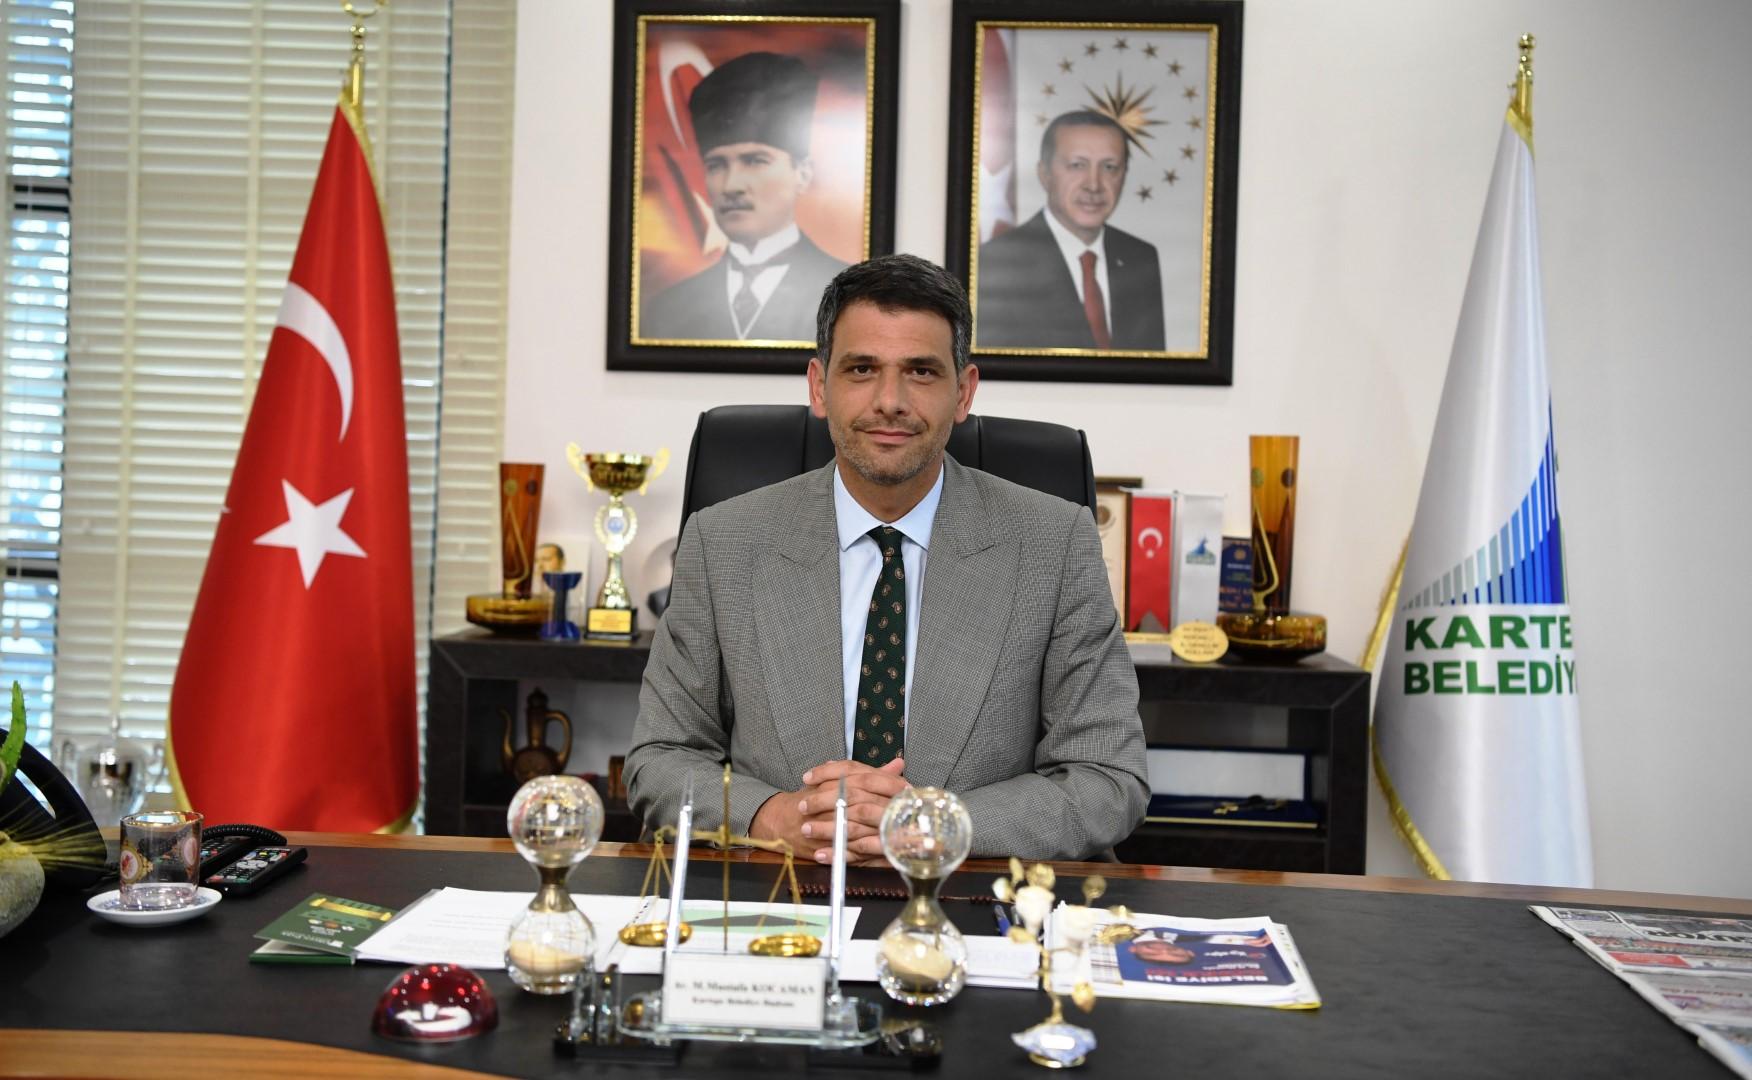 Kartepe Belediye Başkanı Mustafa Kocaman